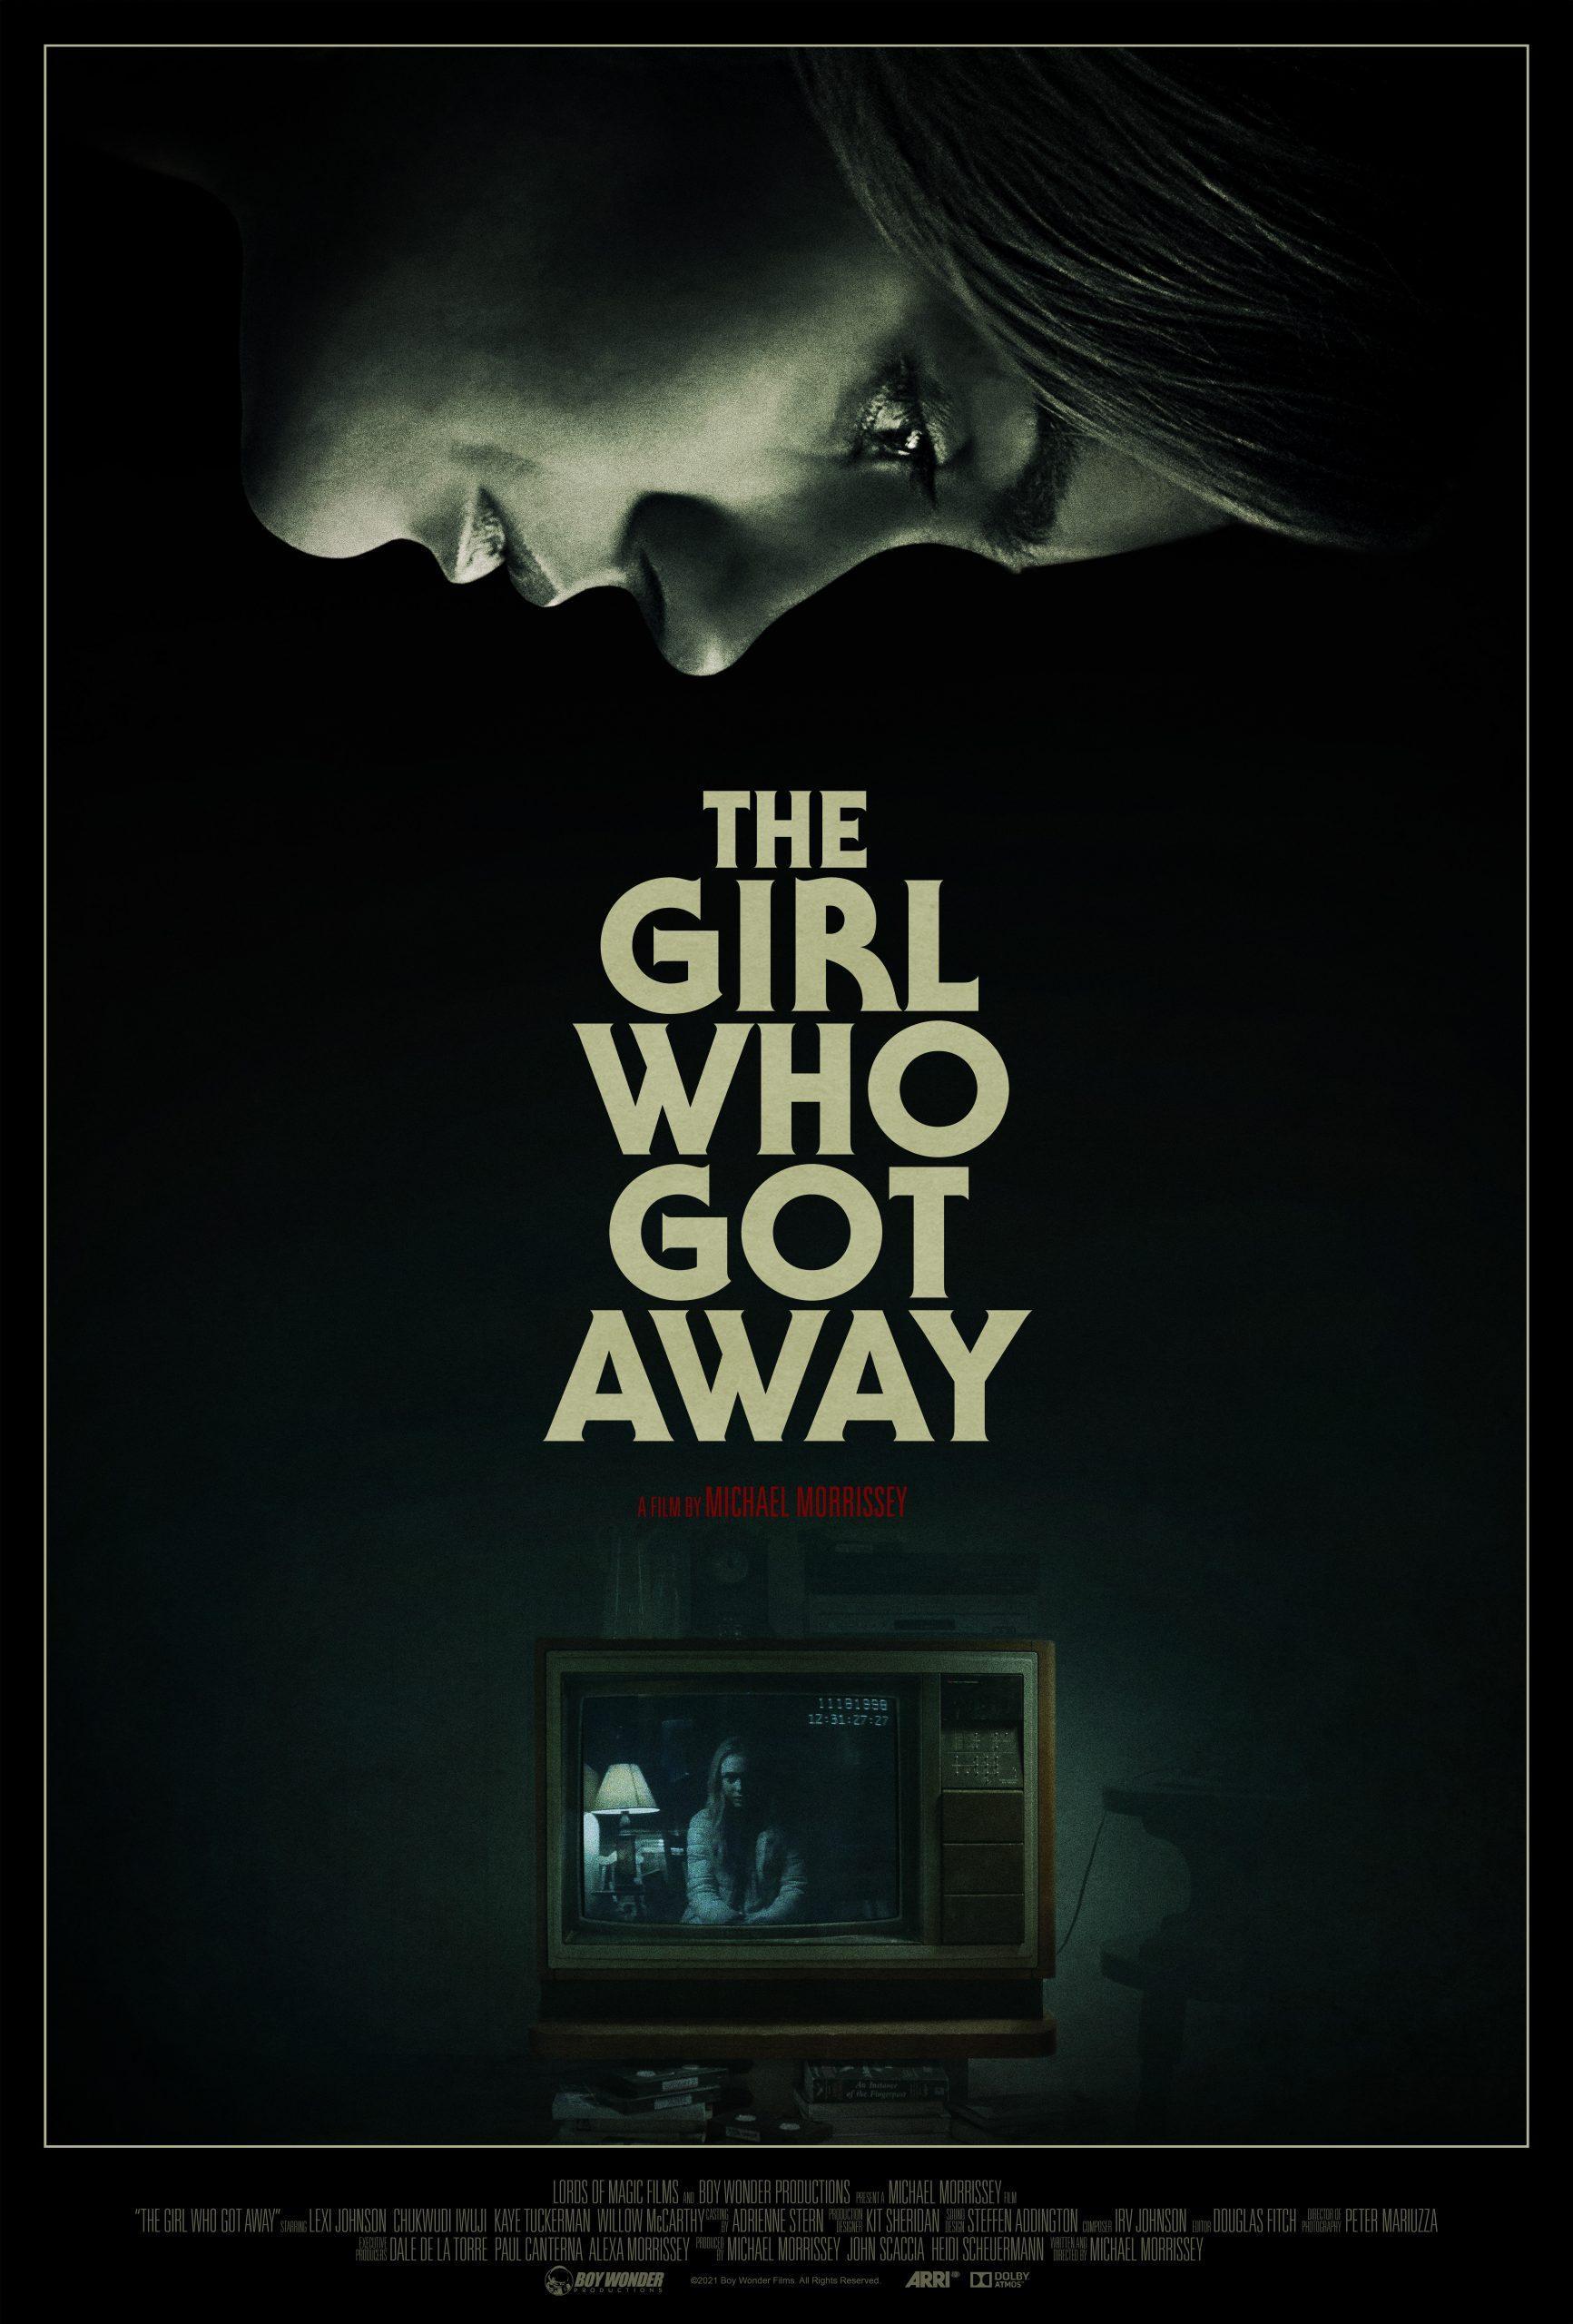 دانلود فیلم دختری که فرار کرد The Girl Who Got Away